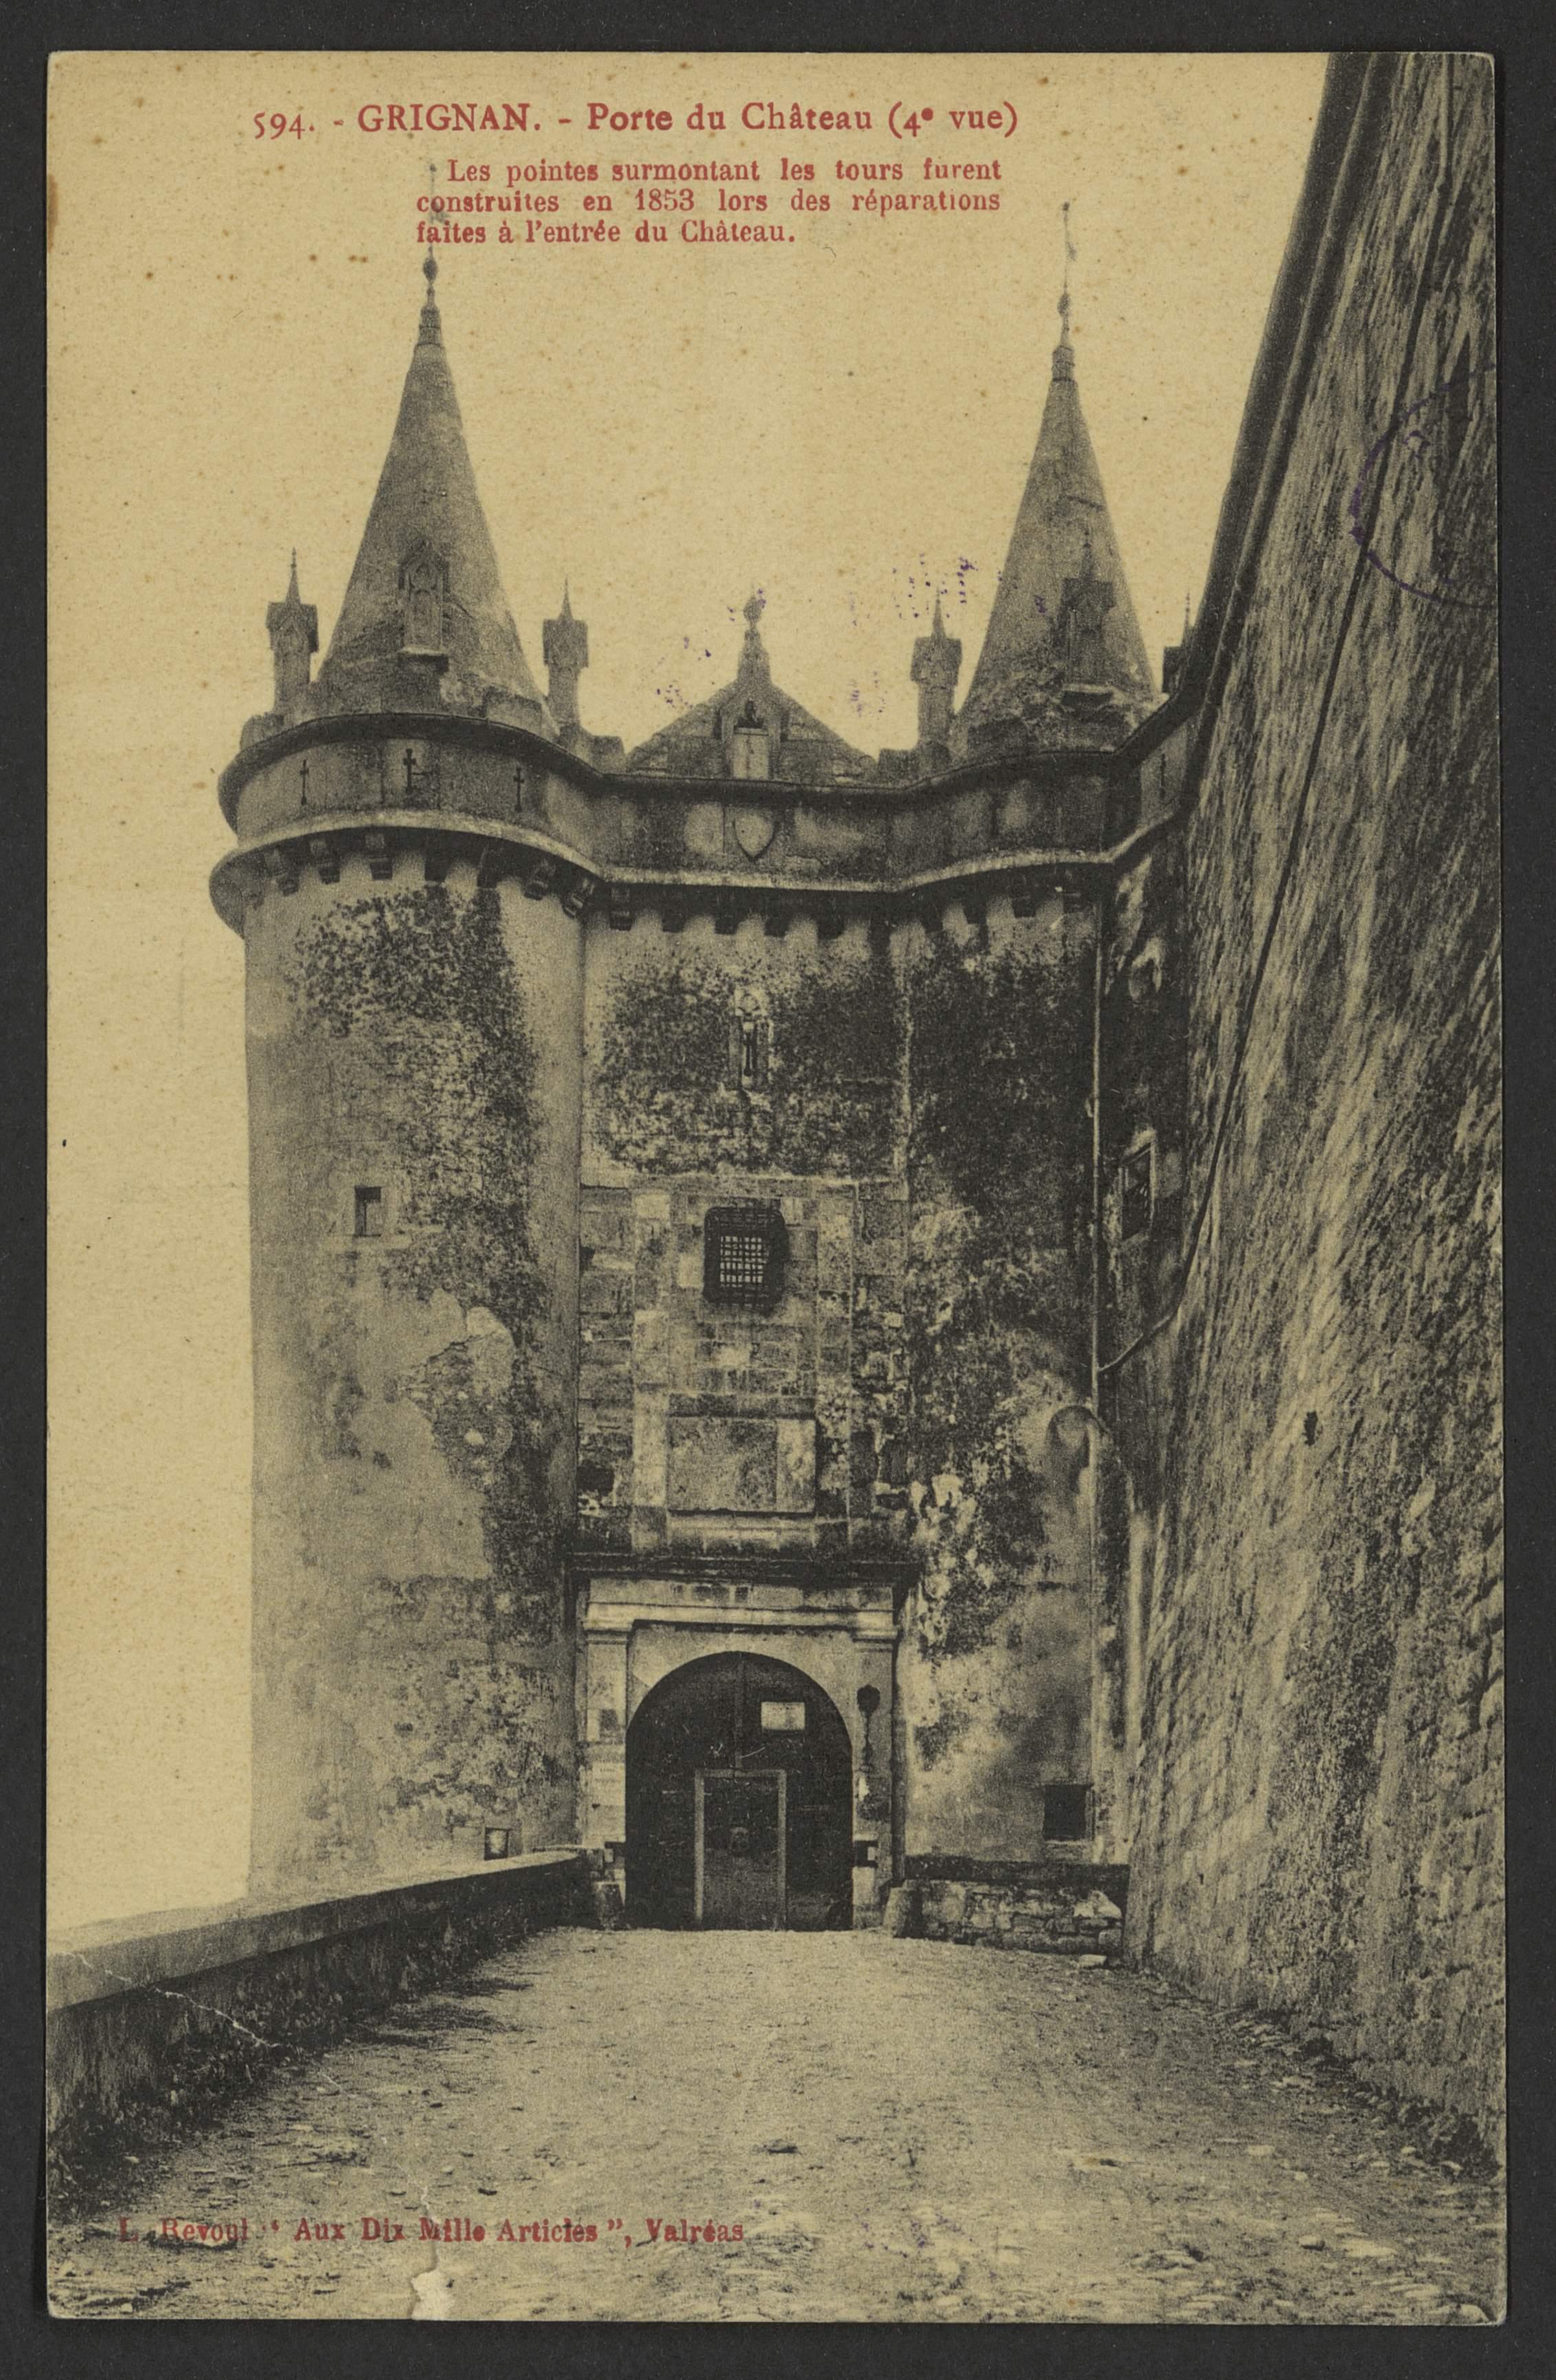 Grignan, Porte du Château (4e vue)